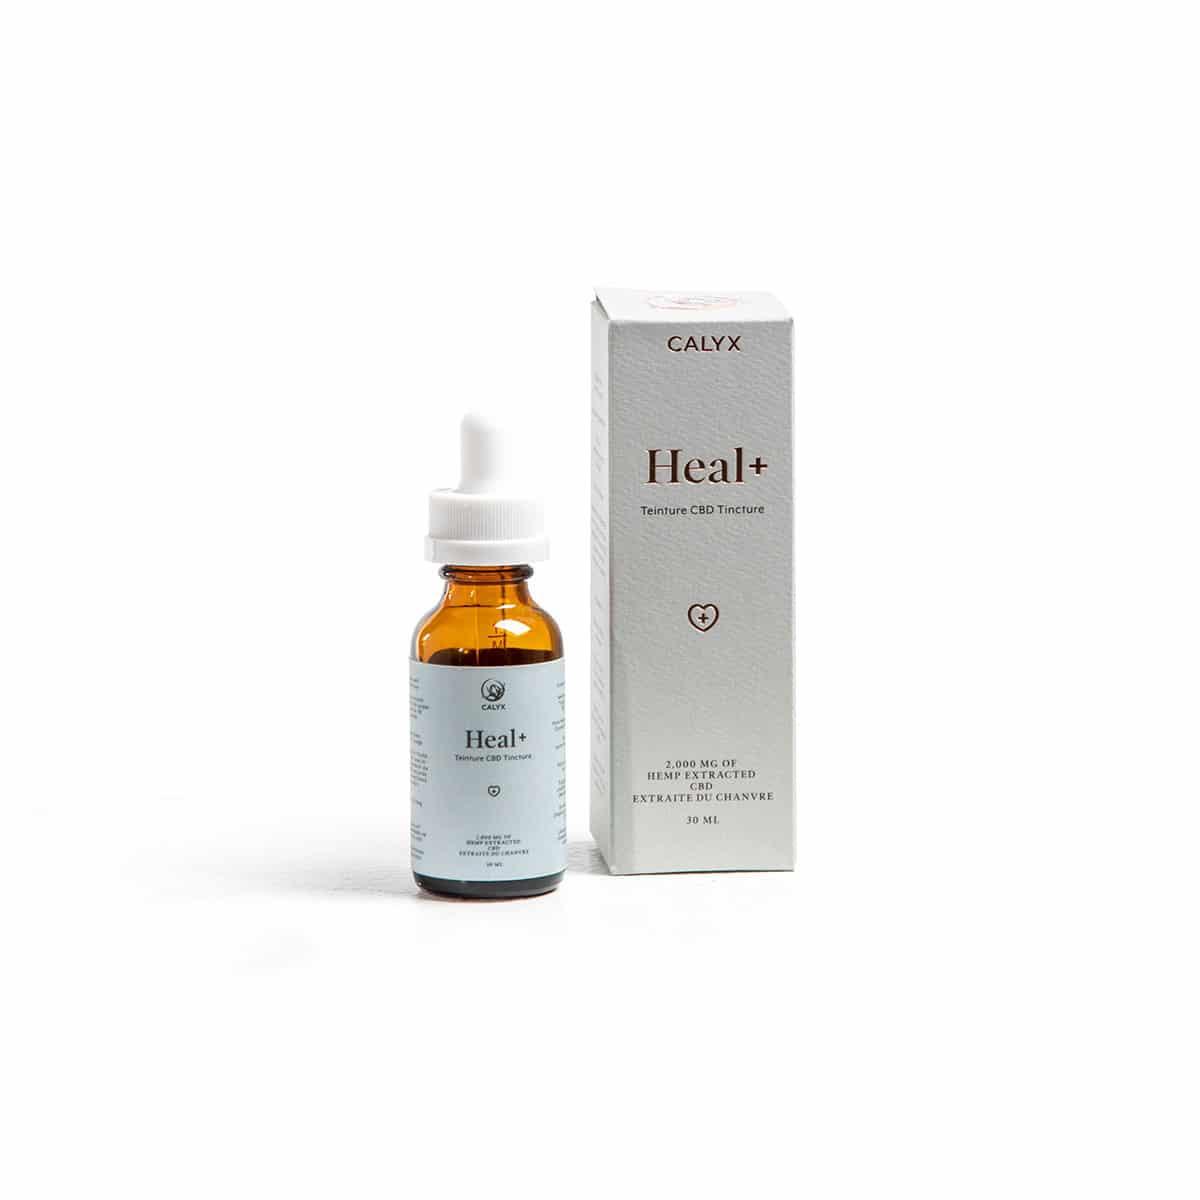 CALYX HEAL+ 2000 mg hemp CBD 30 ml size